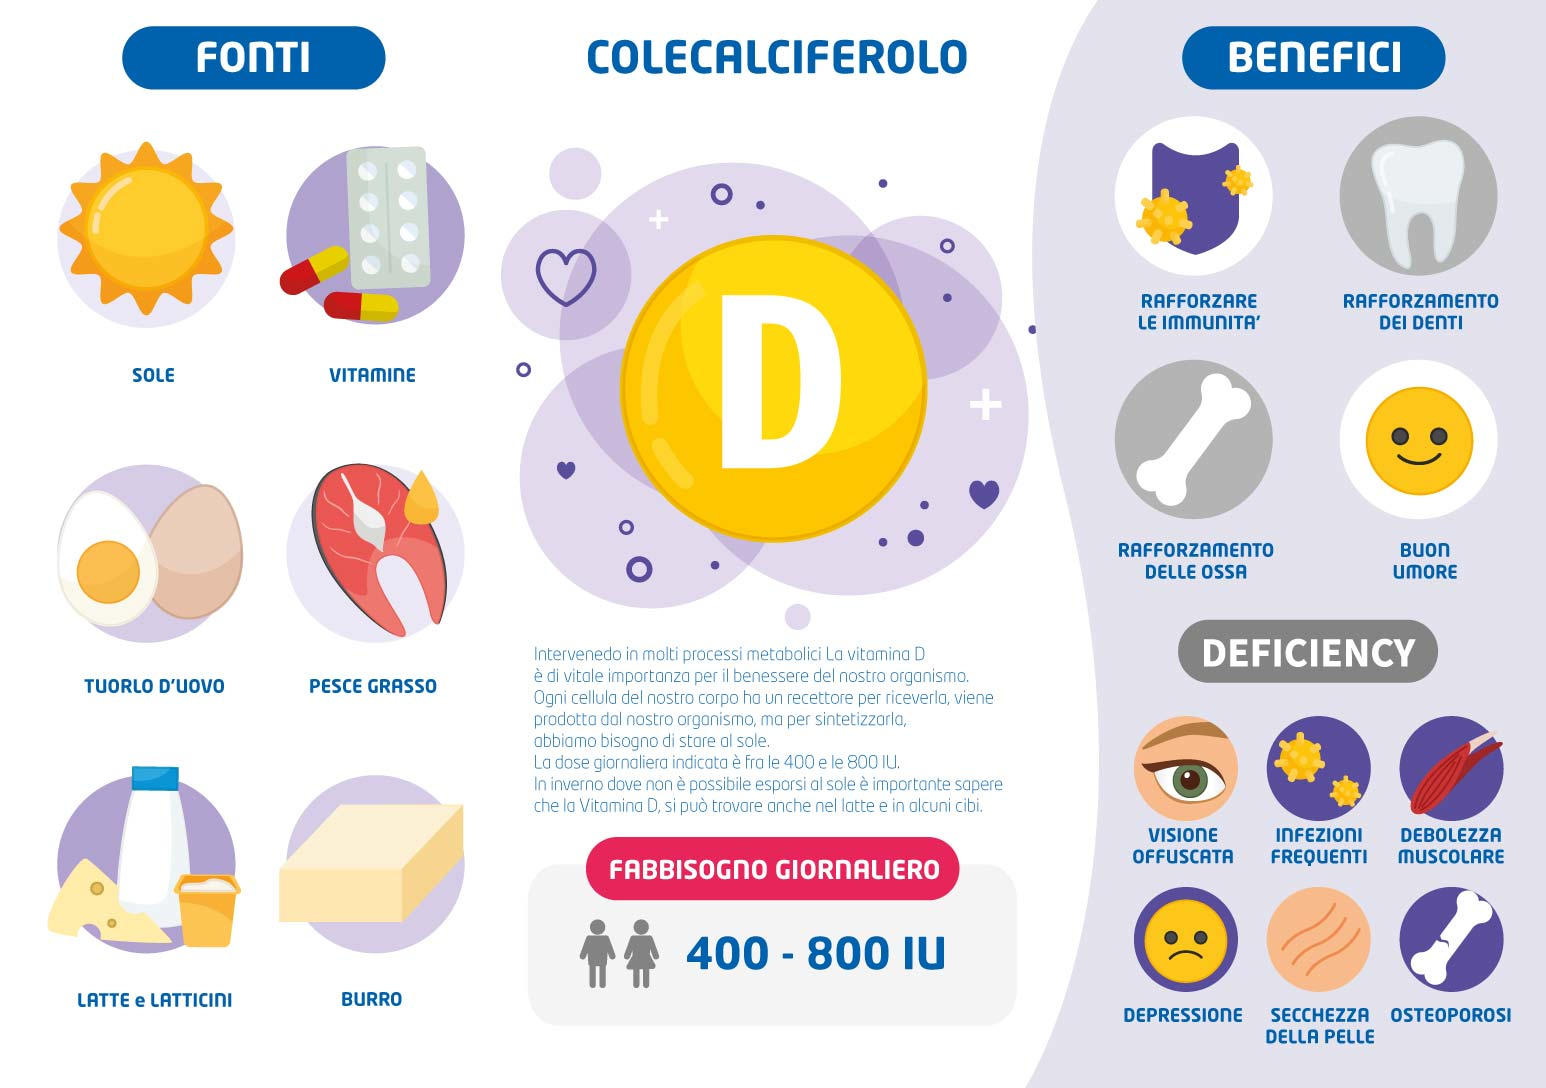 grafico illustrativo fabbisogno giornaliero vitamina d